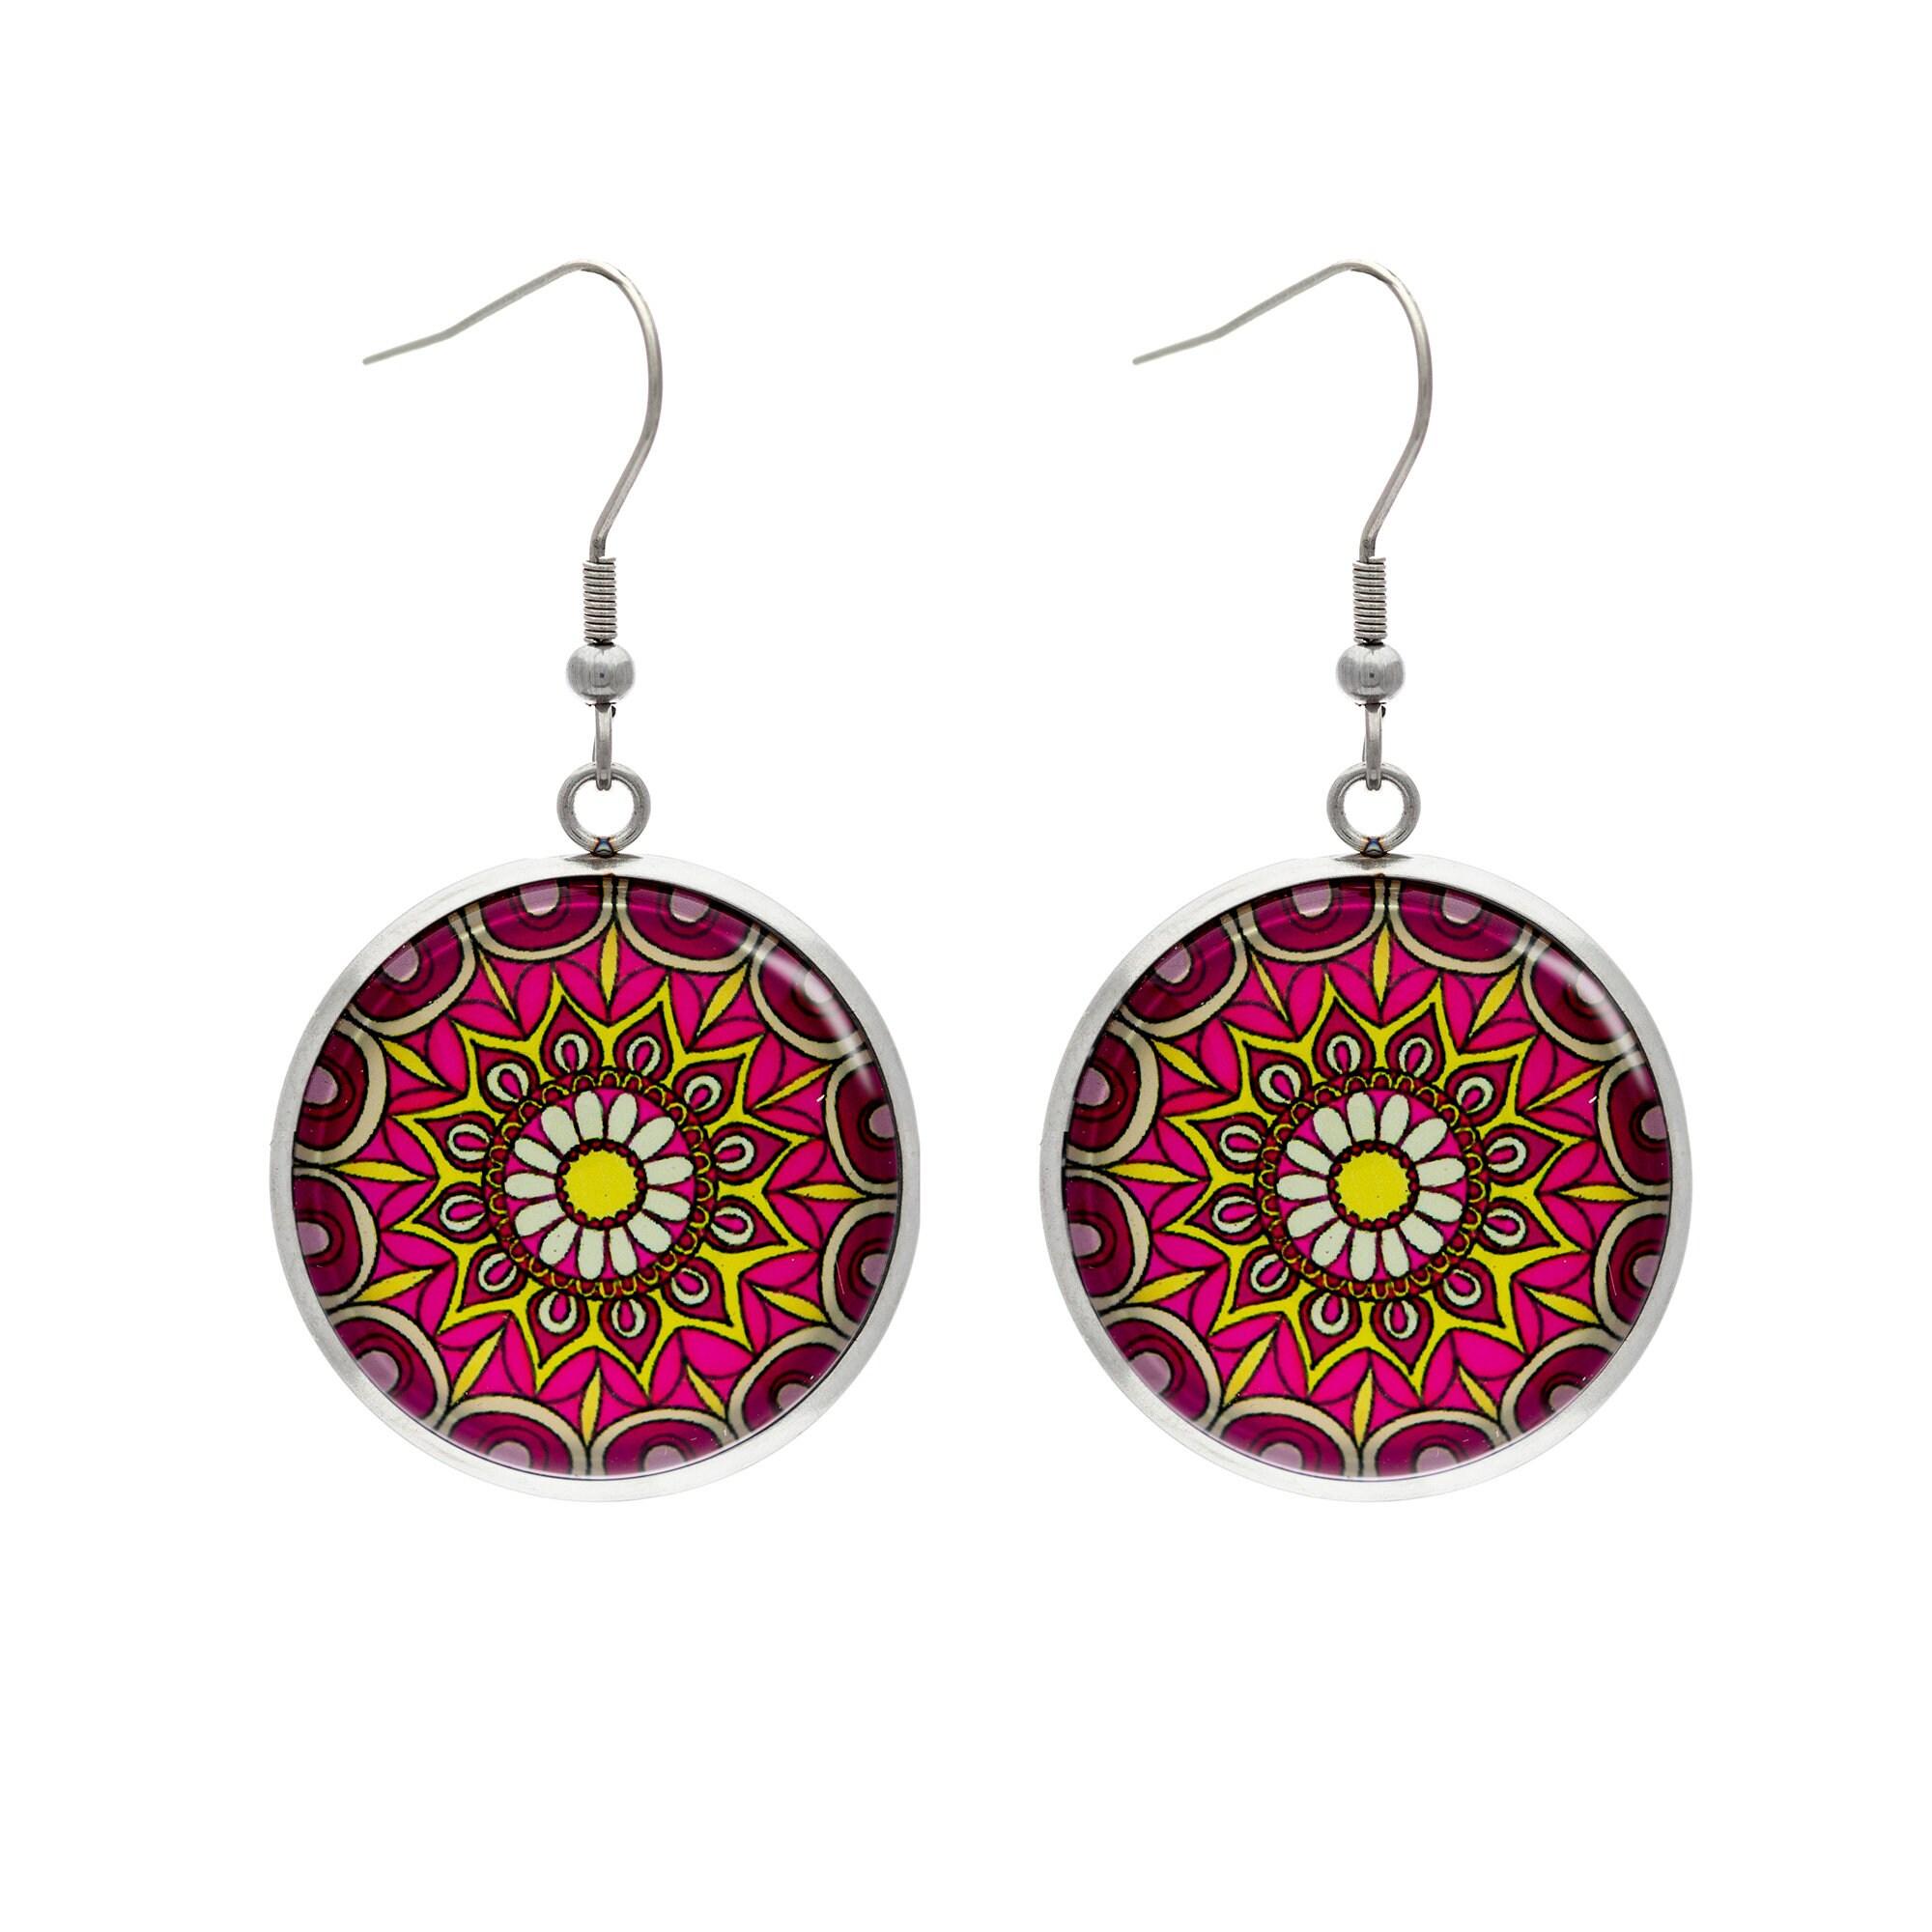 Stainless steel mandala earrings